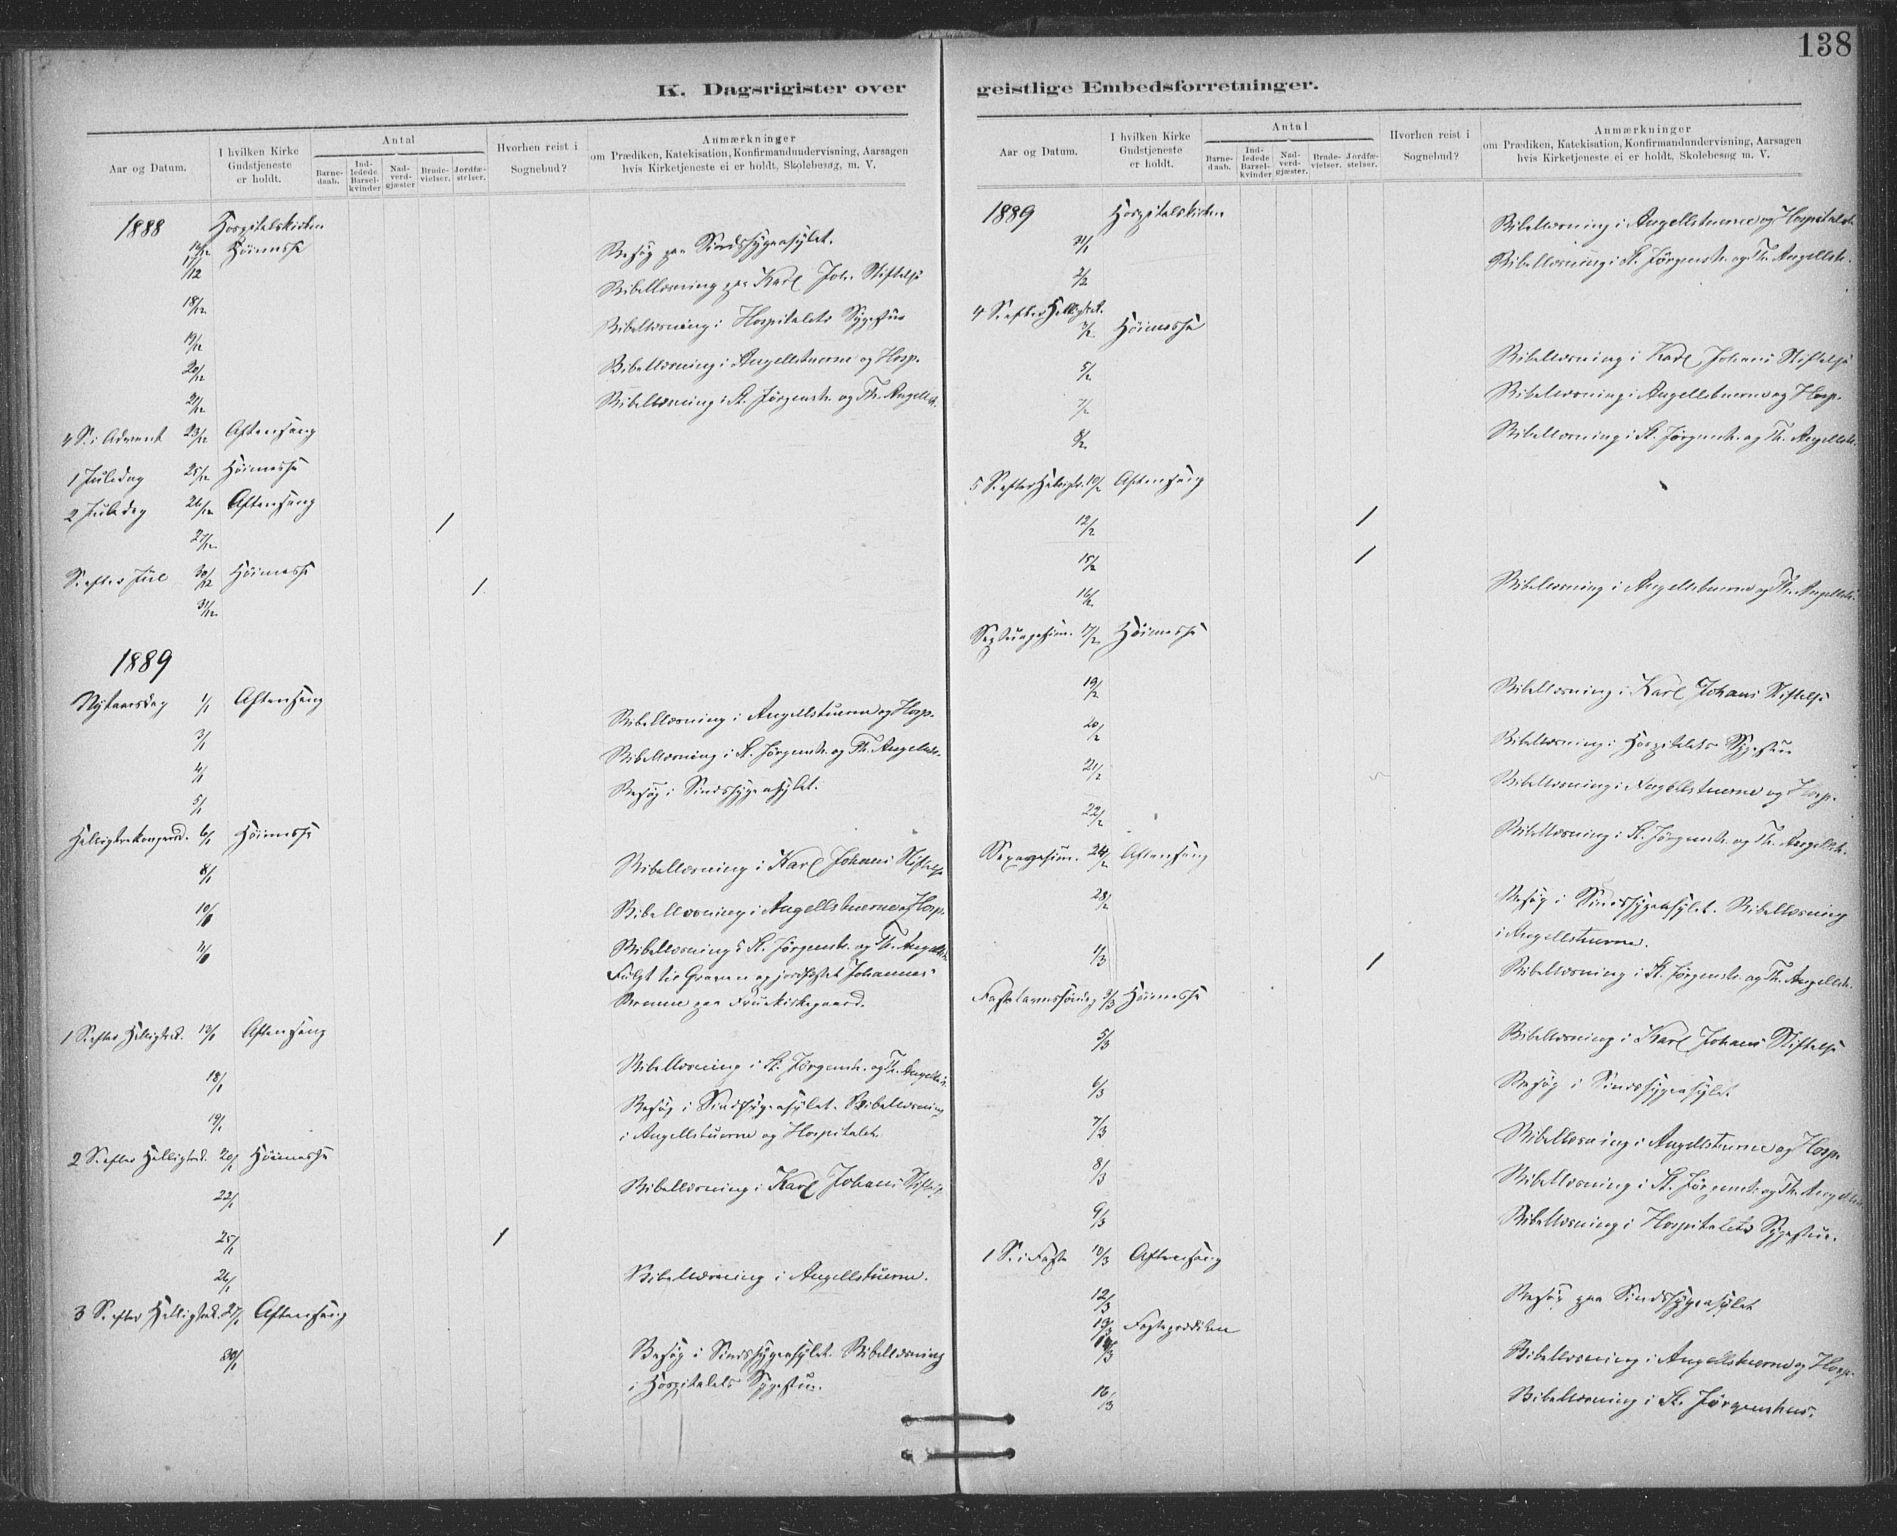 SAT, Ministerialprotokoller, klokkerbøker og fødselsregistre - Sør-Trøndelag, 623/L0470: Ministerialbok nr. 623A04, 1884-1938, s. 138